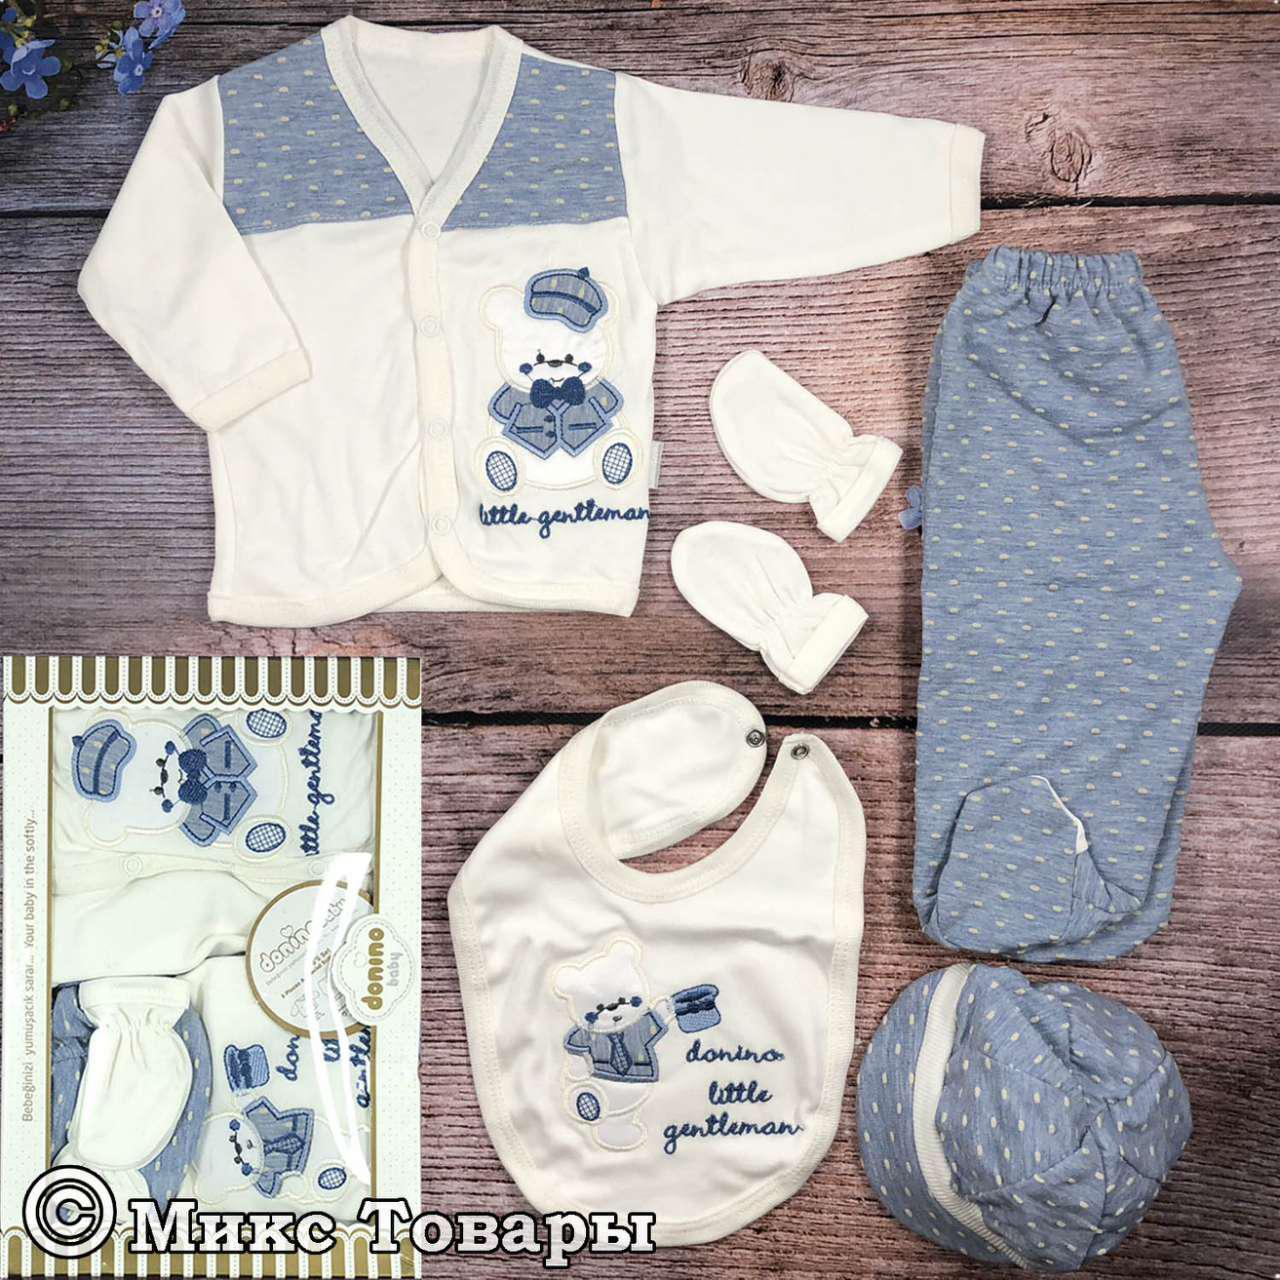 Комплект одежды 5 предметов для мальчика Рост: 56 см Размер: 0- 3 месяцев (6921-3)